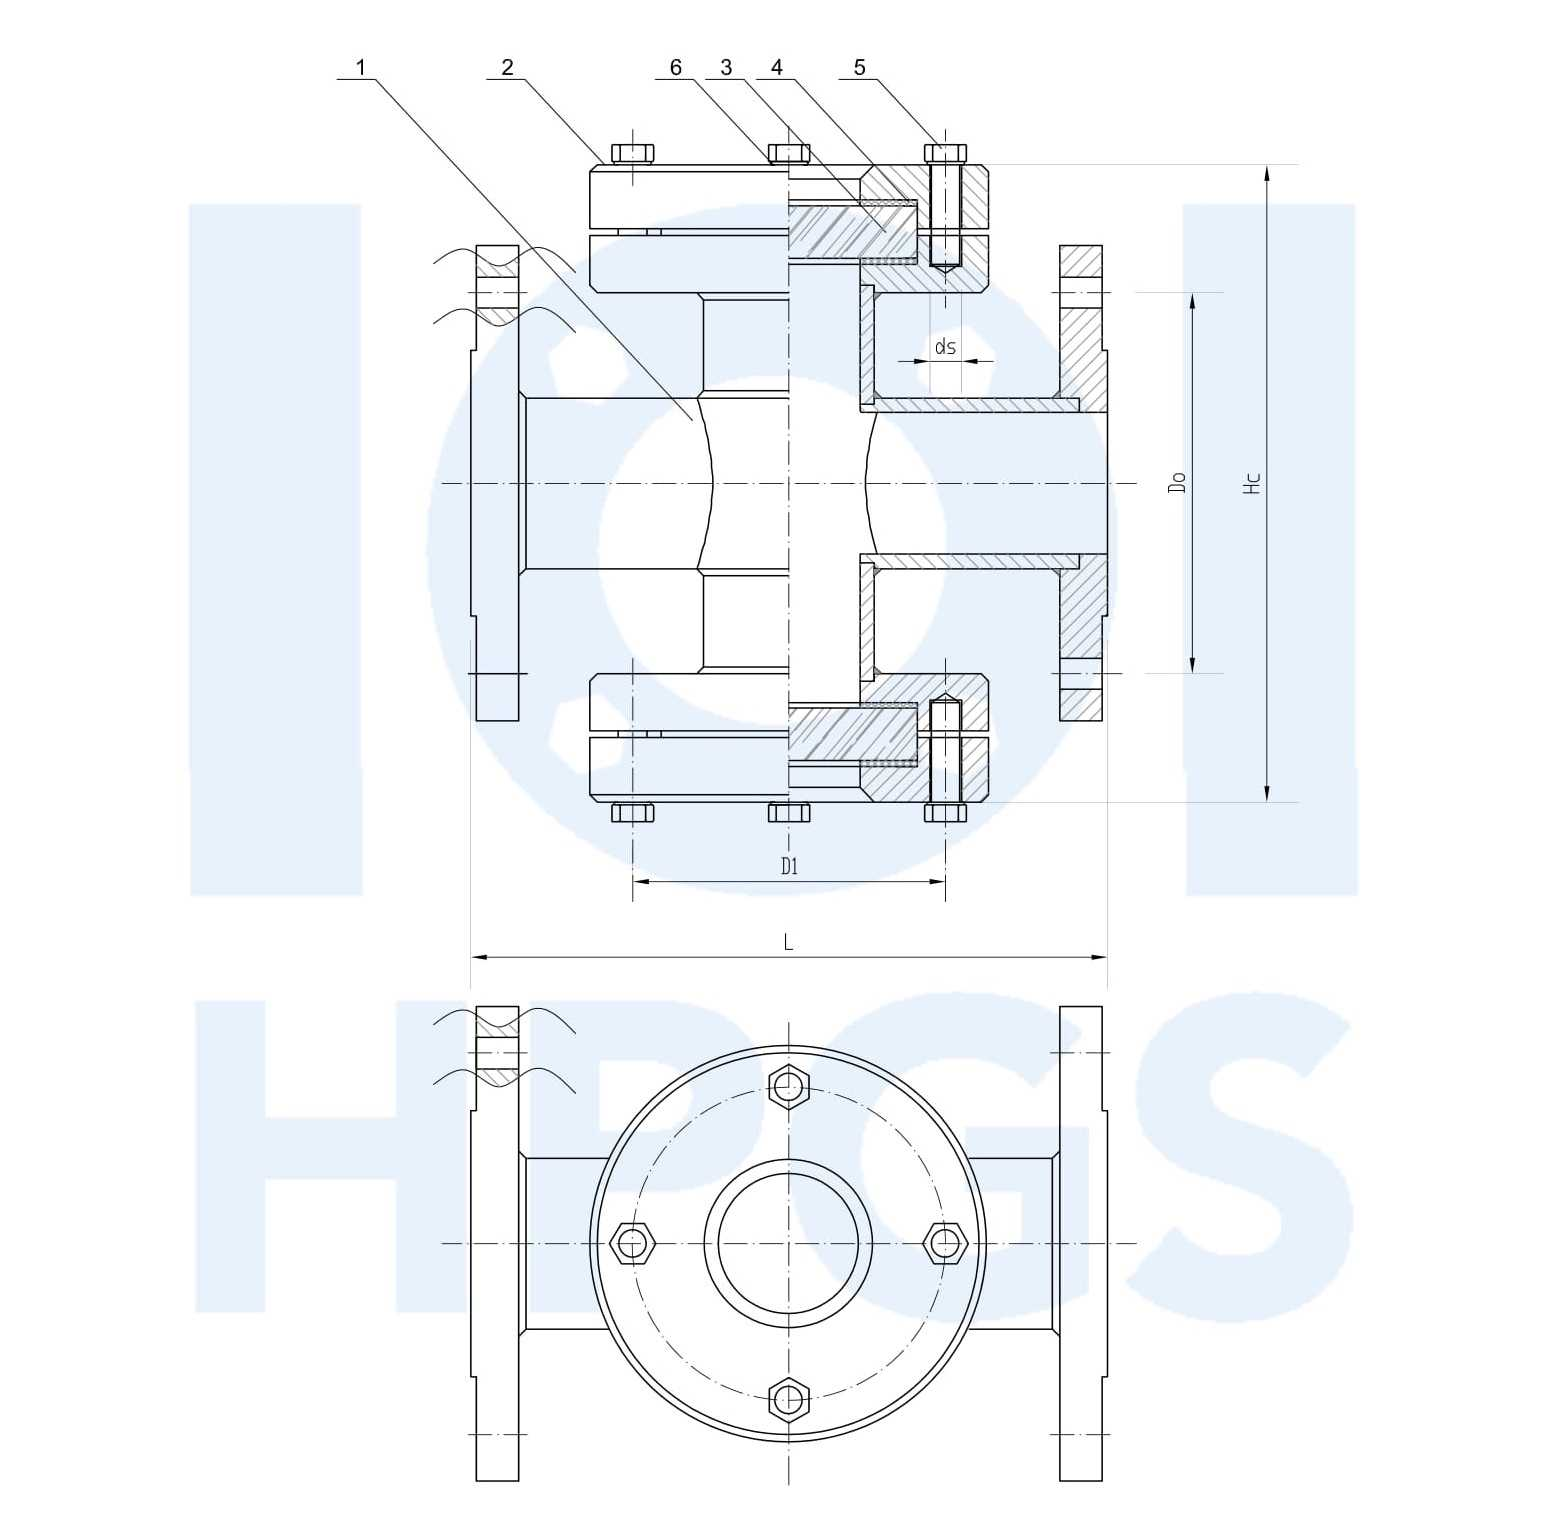 HPGS wziernik przepływowy ze szkłem płaskim na str